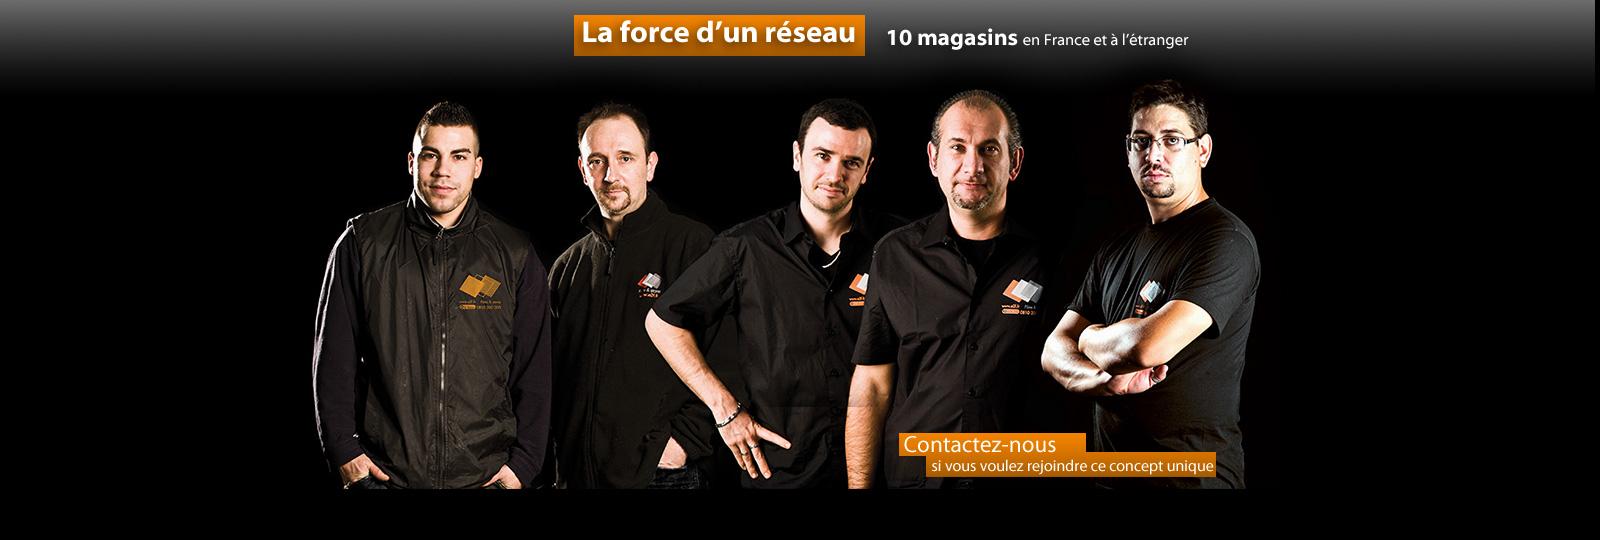 team e2f